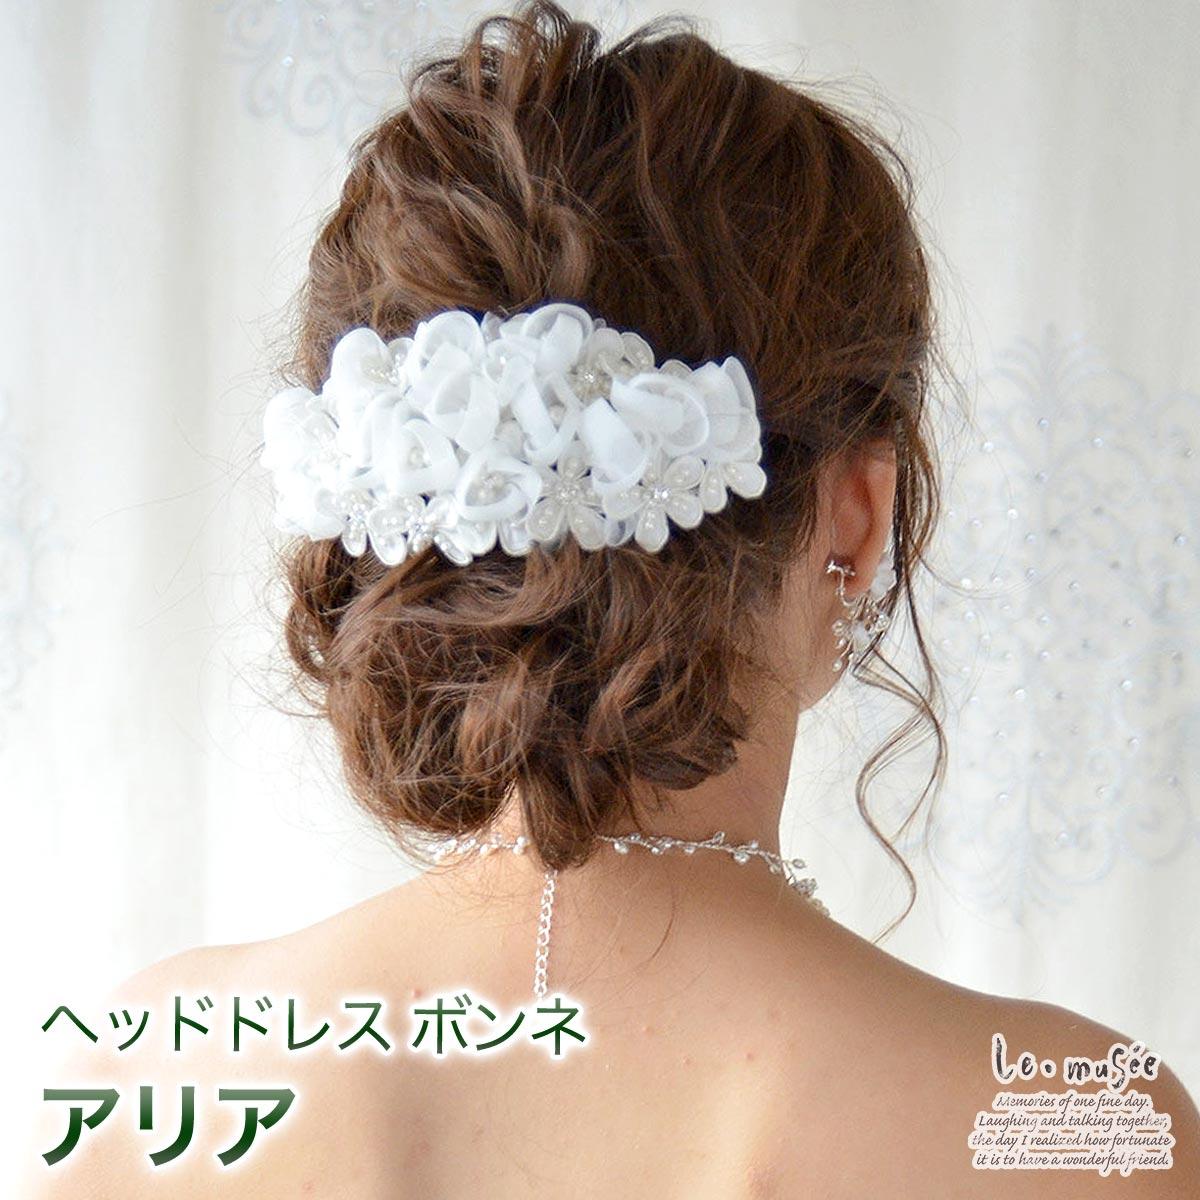 ボンネ アリア   ヘッドドレス 髪飾り ヘアア...の商品画像